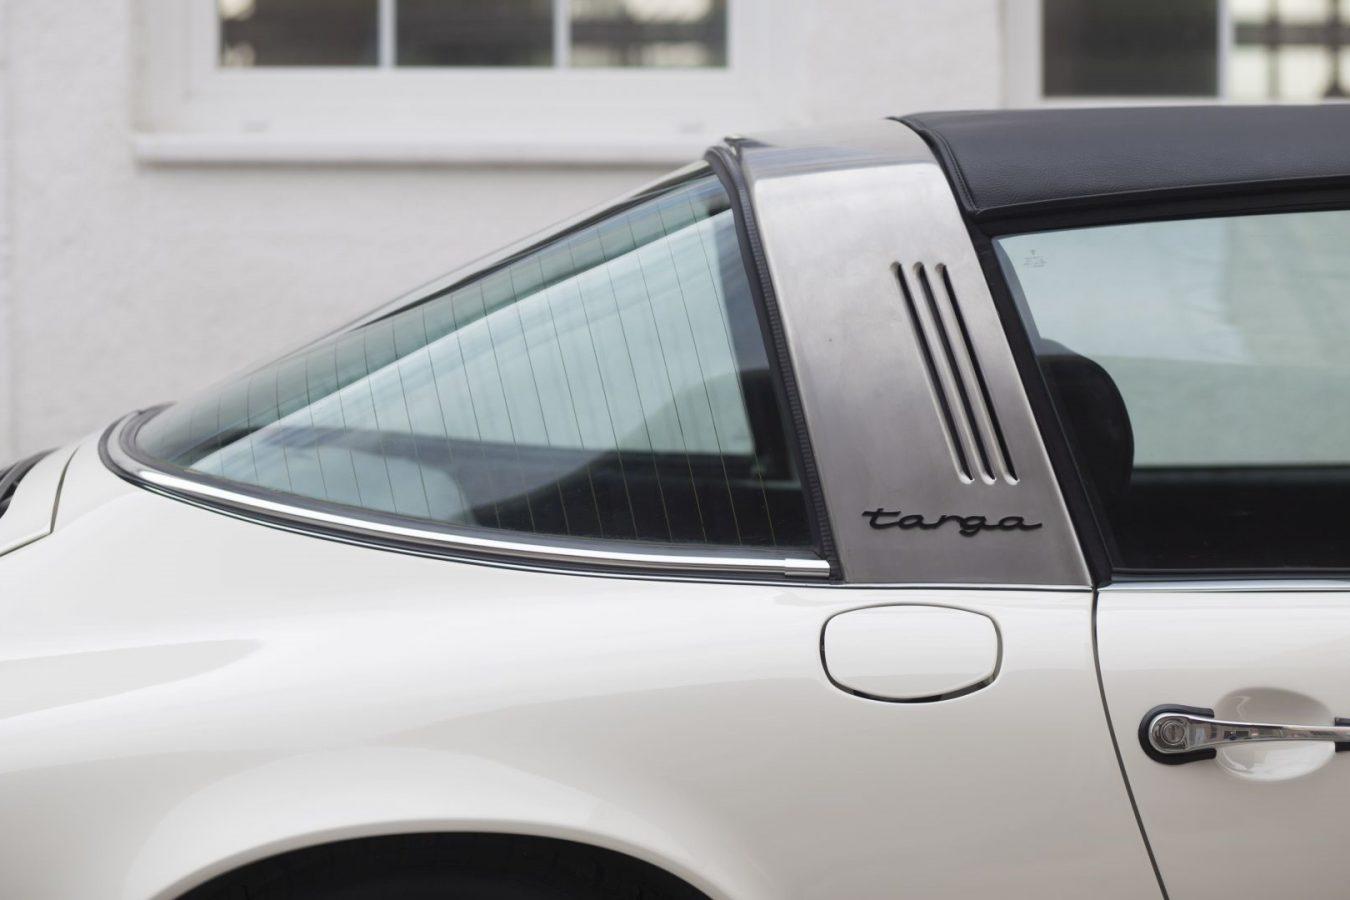 Cremeweißer Porsche 911E Targa Targa Schriftzug